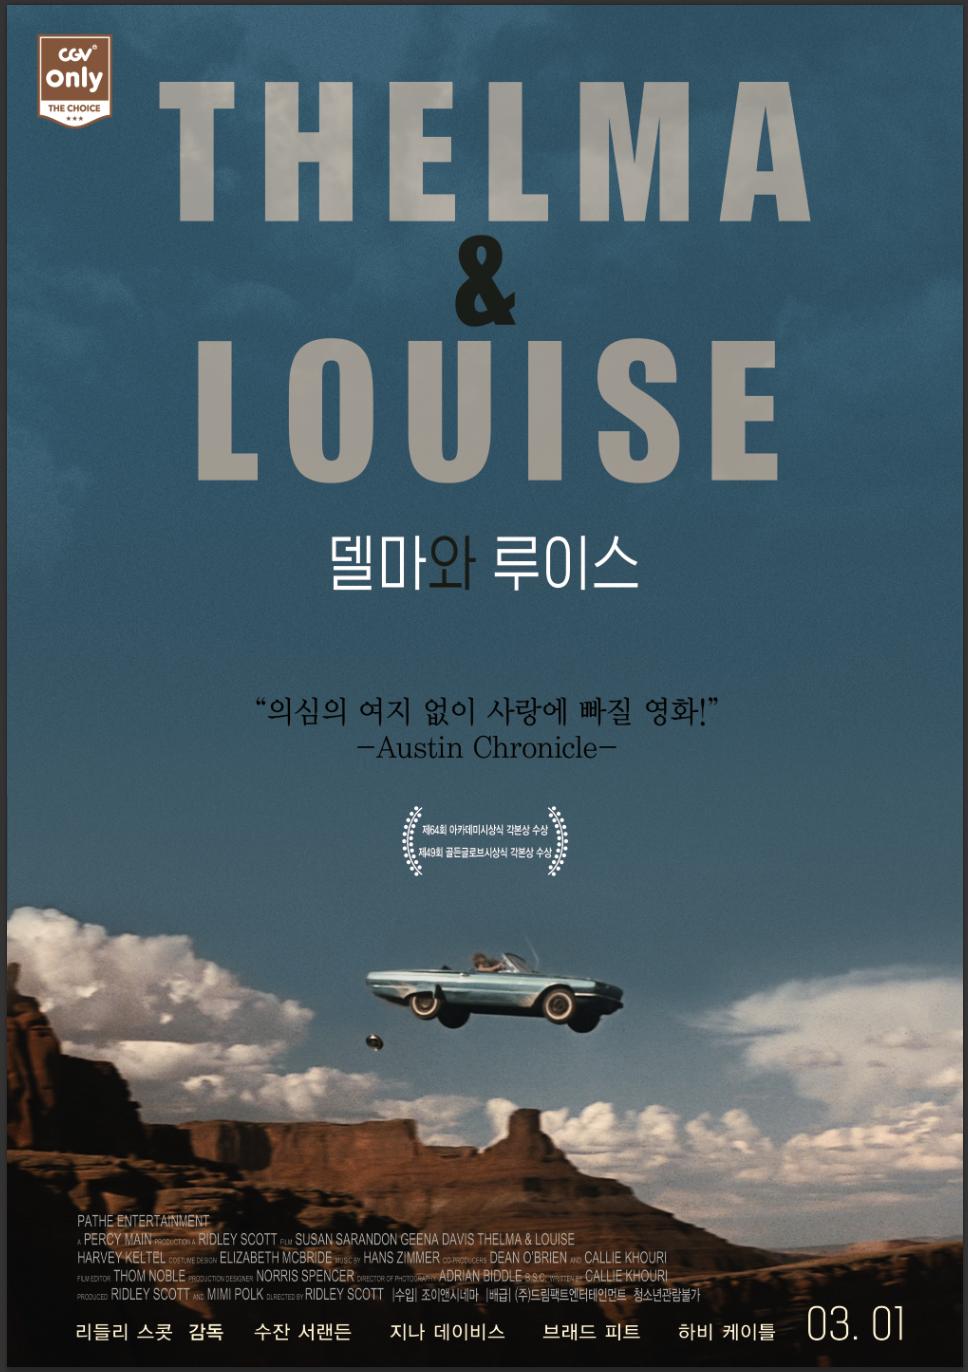 델마와 루이스 (Thelma & Louise, 1991)